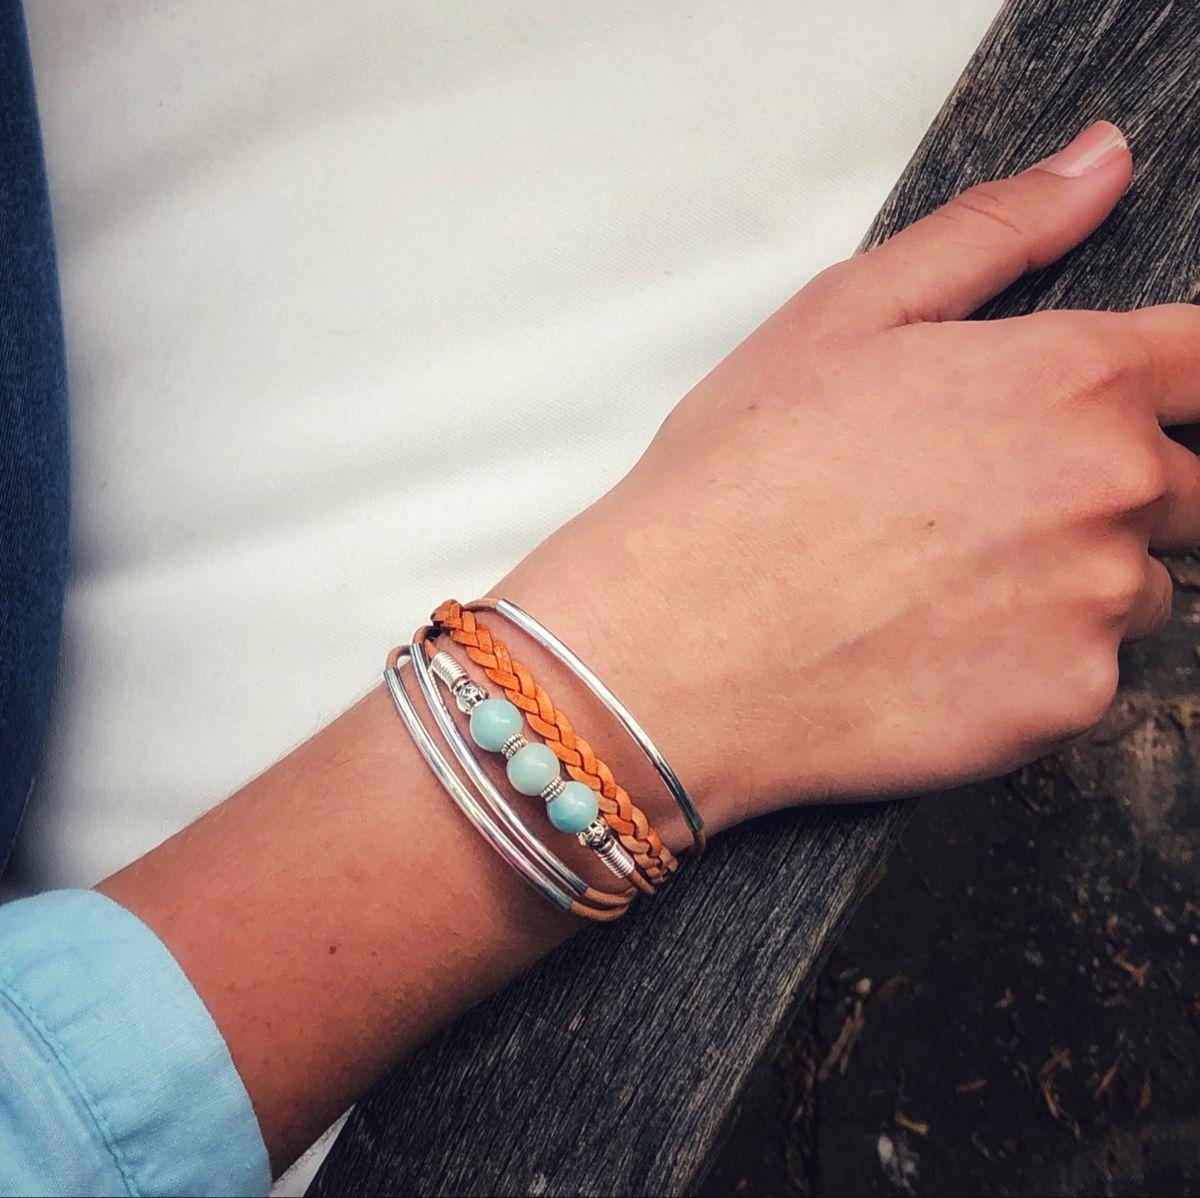 wide Cuff bracelet sallie otenasek, jewelry boho jewelry stackable bracelet Bohemian woodscape artisan hand painted